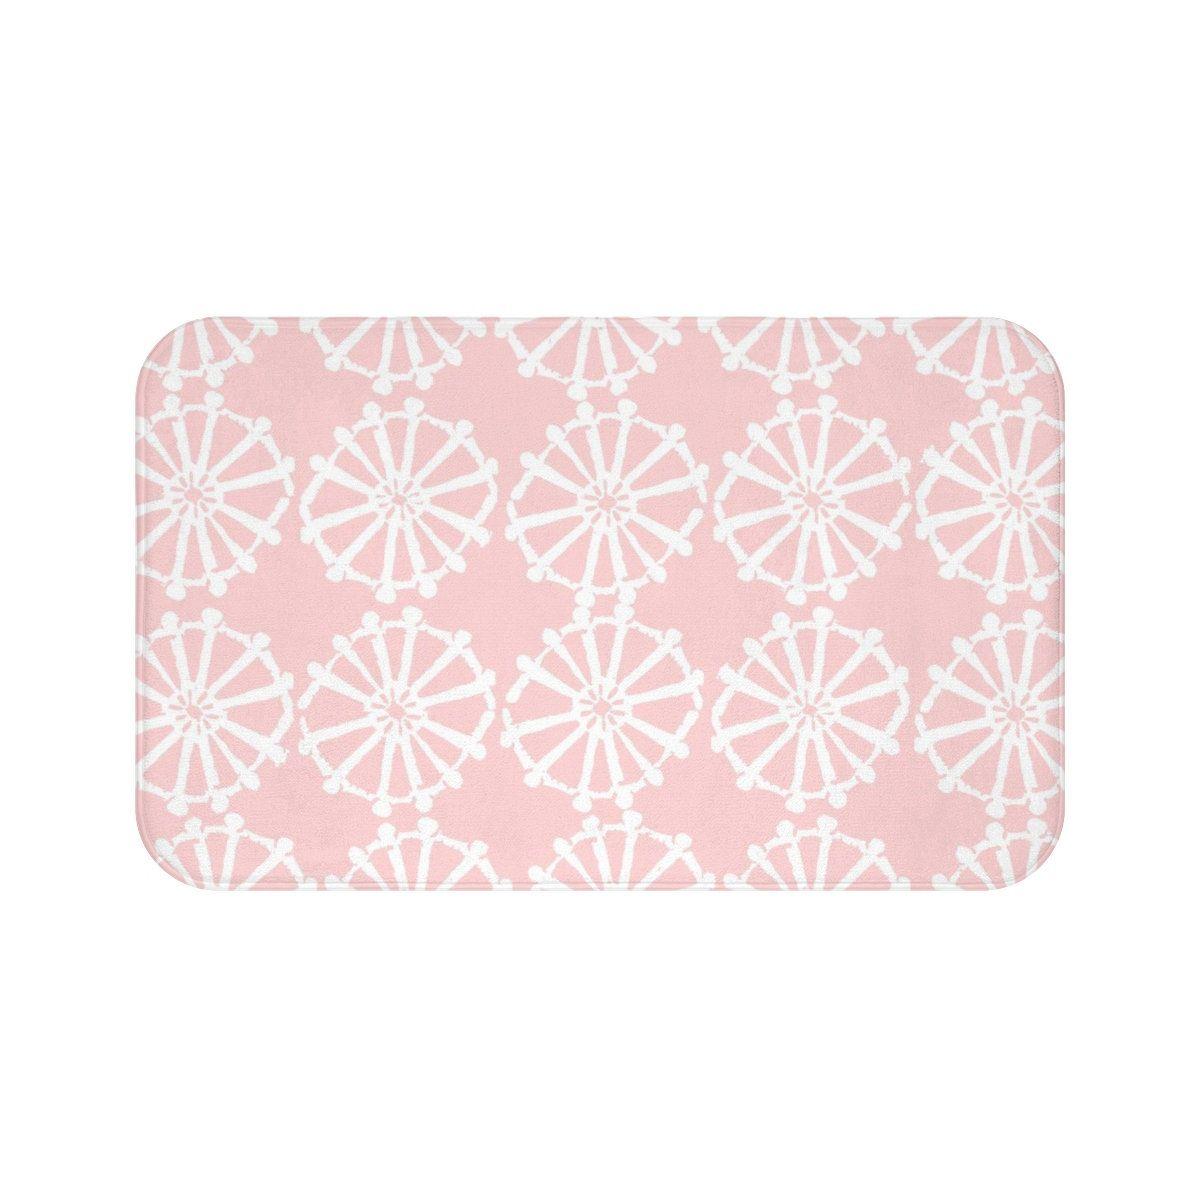 Blush Bath Mat Blush Pink And White Bath Mat Wheel Bathroom